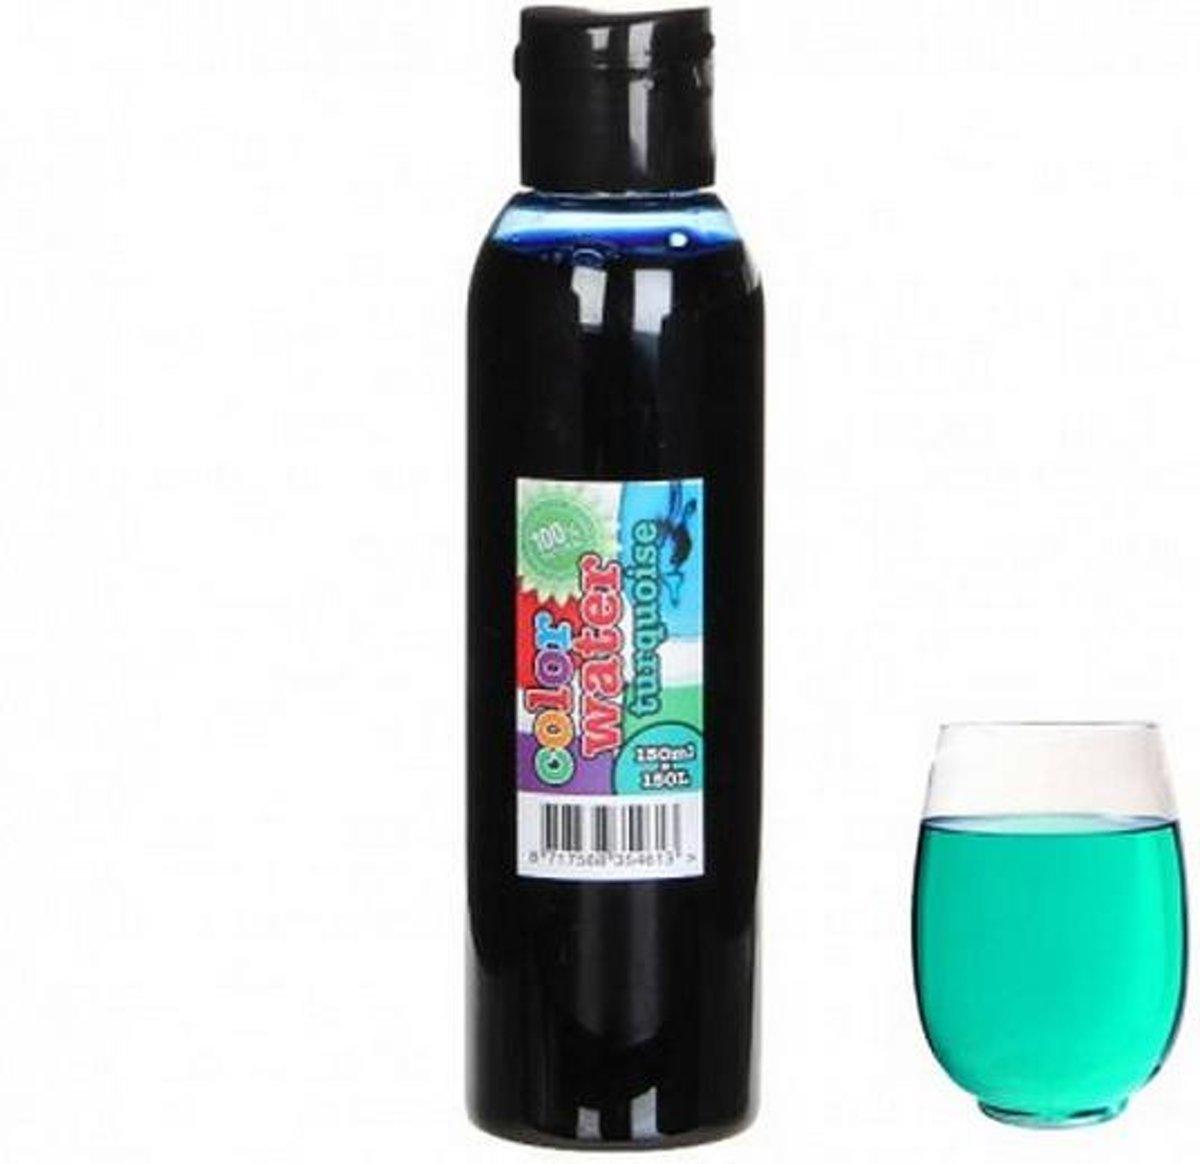 Kleurstof 150 ml - turquoise - set van 3 stuks kopen